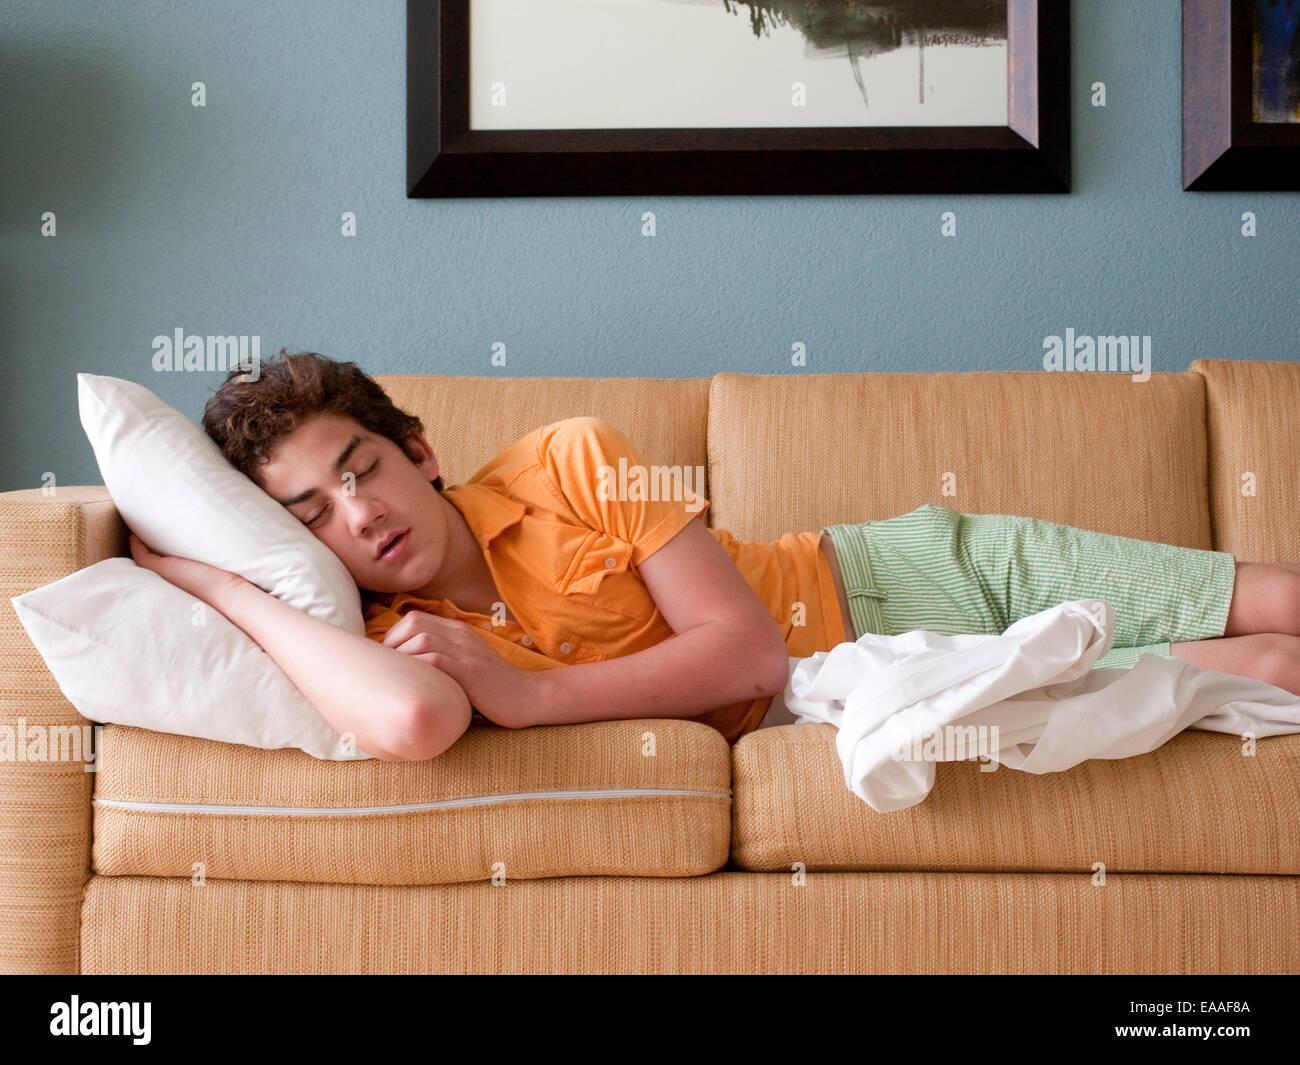 junger Teenager auf Schlafcouch Stockbild